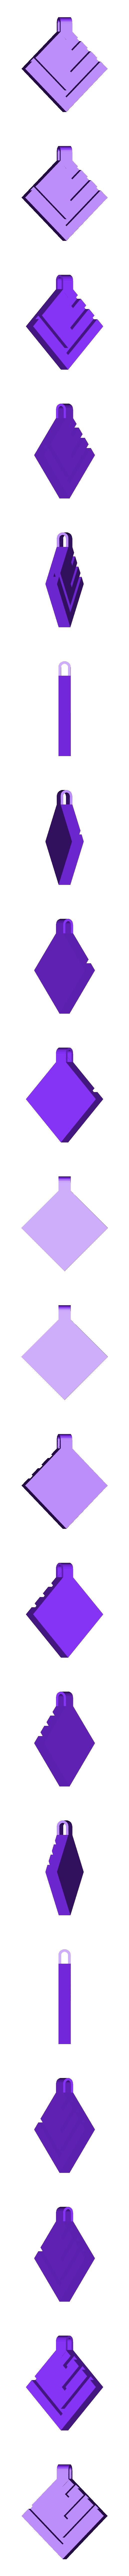 Eris_Necklace.stl Télécharger fichier STL gratuit Konosuba - Ordre de l'Axe & Ordre Eris • Plan imprimable en 3D, sh0rt_stak